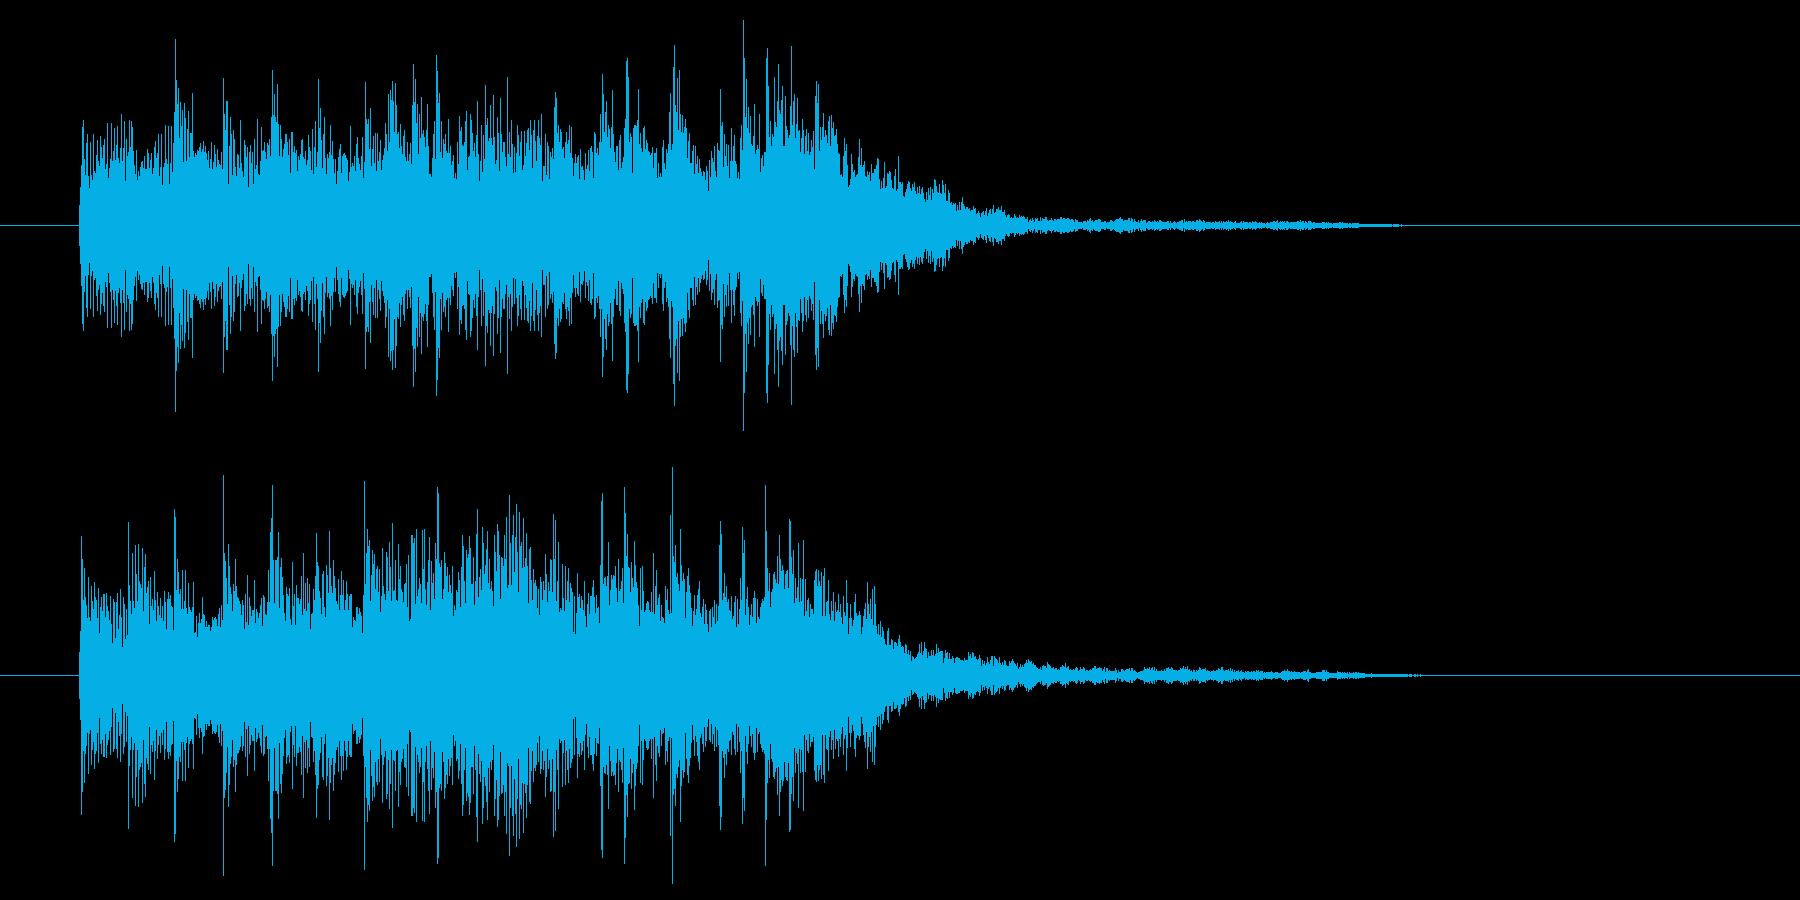 シンセベースが引っ張るエレクトロサウンドの再生済みの波形